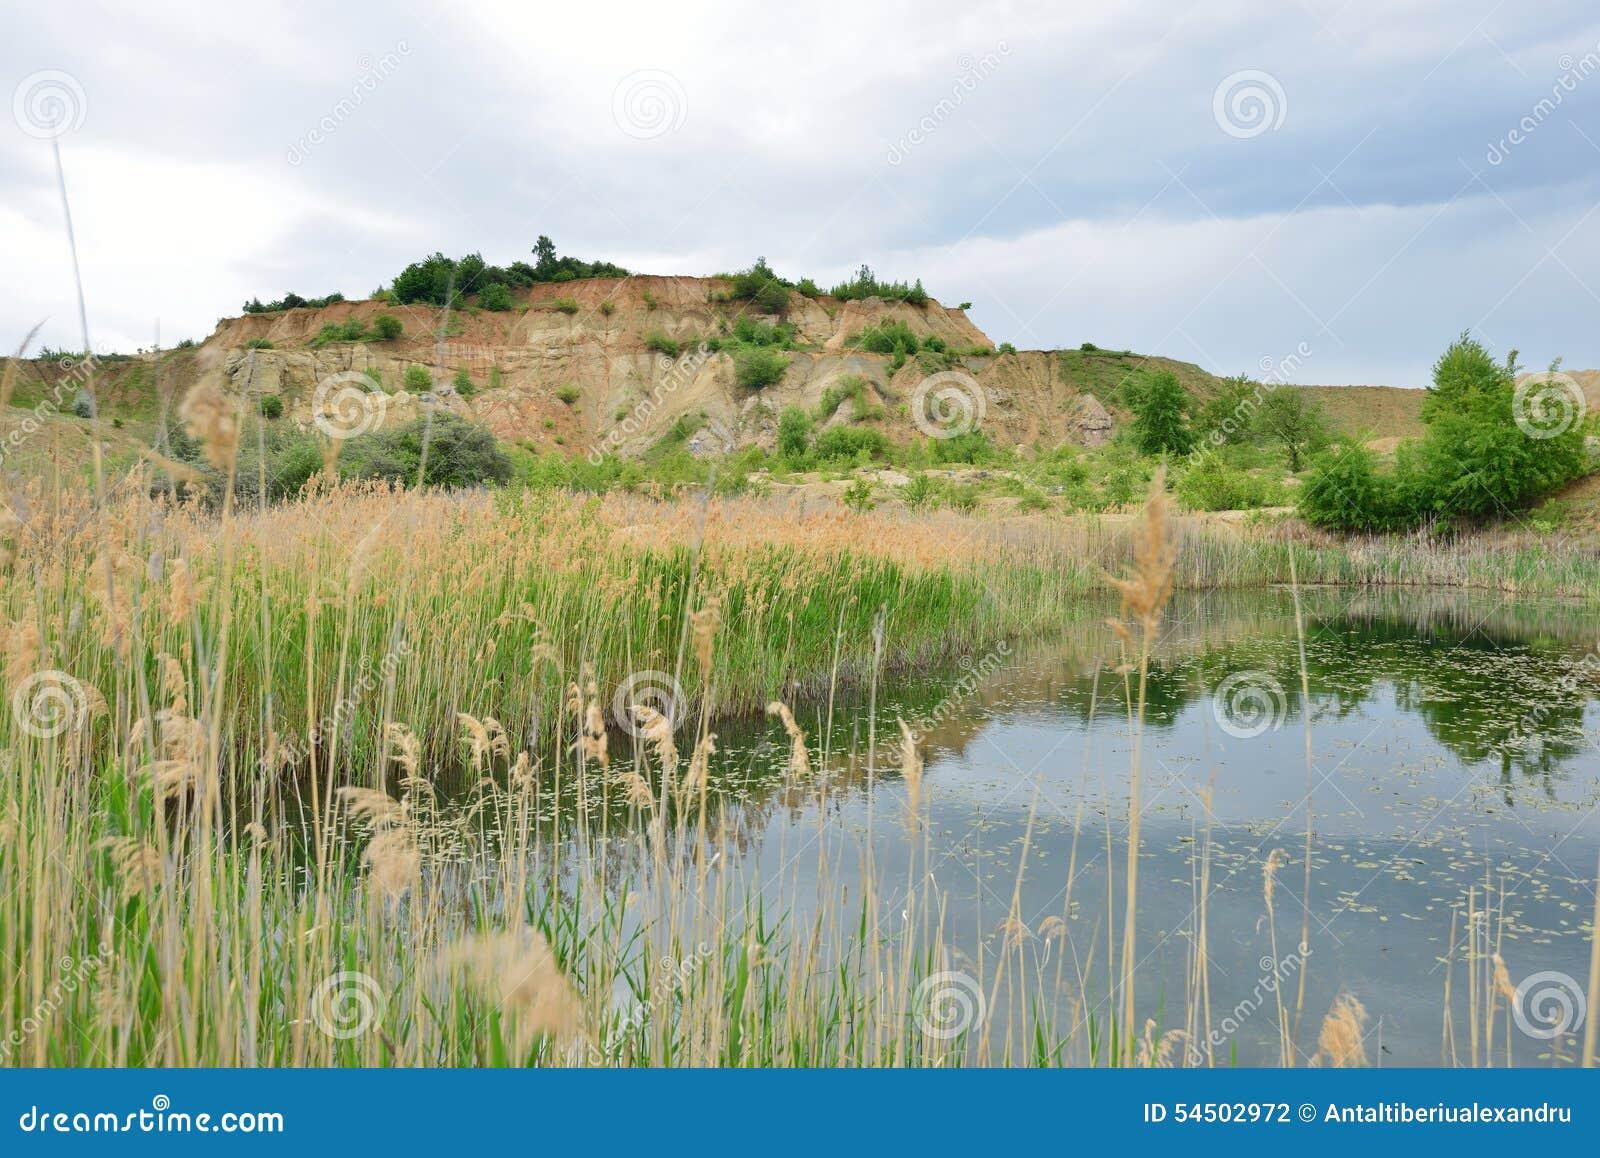 Colline de Reed et de kaolin au lac bleu lagoon